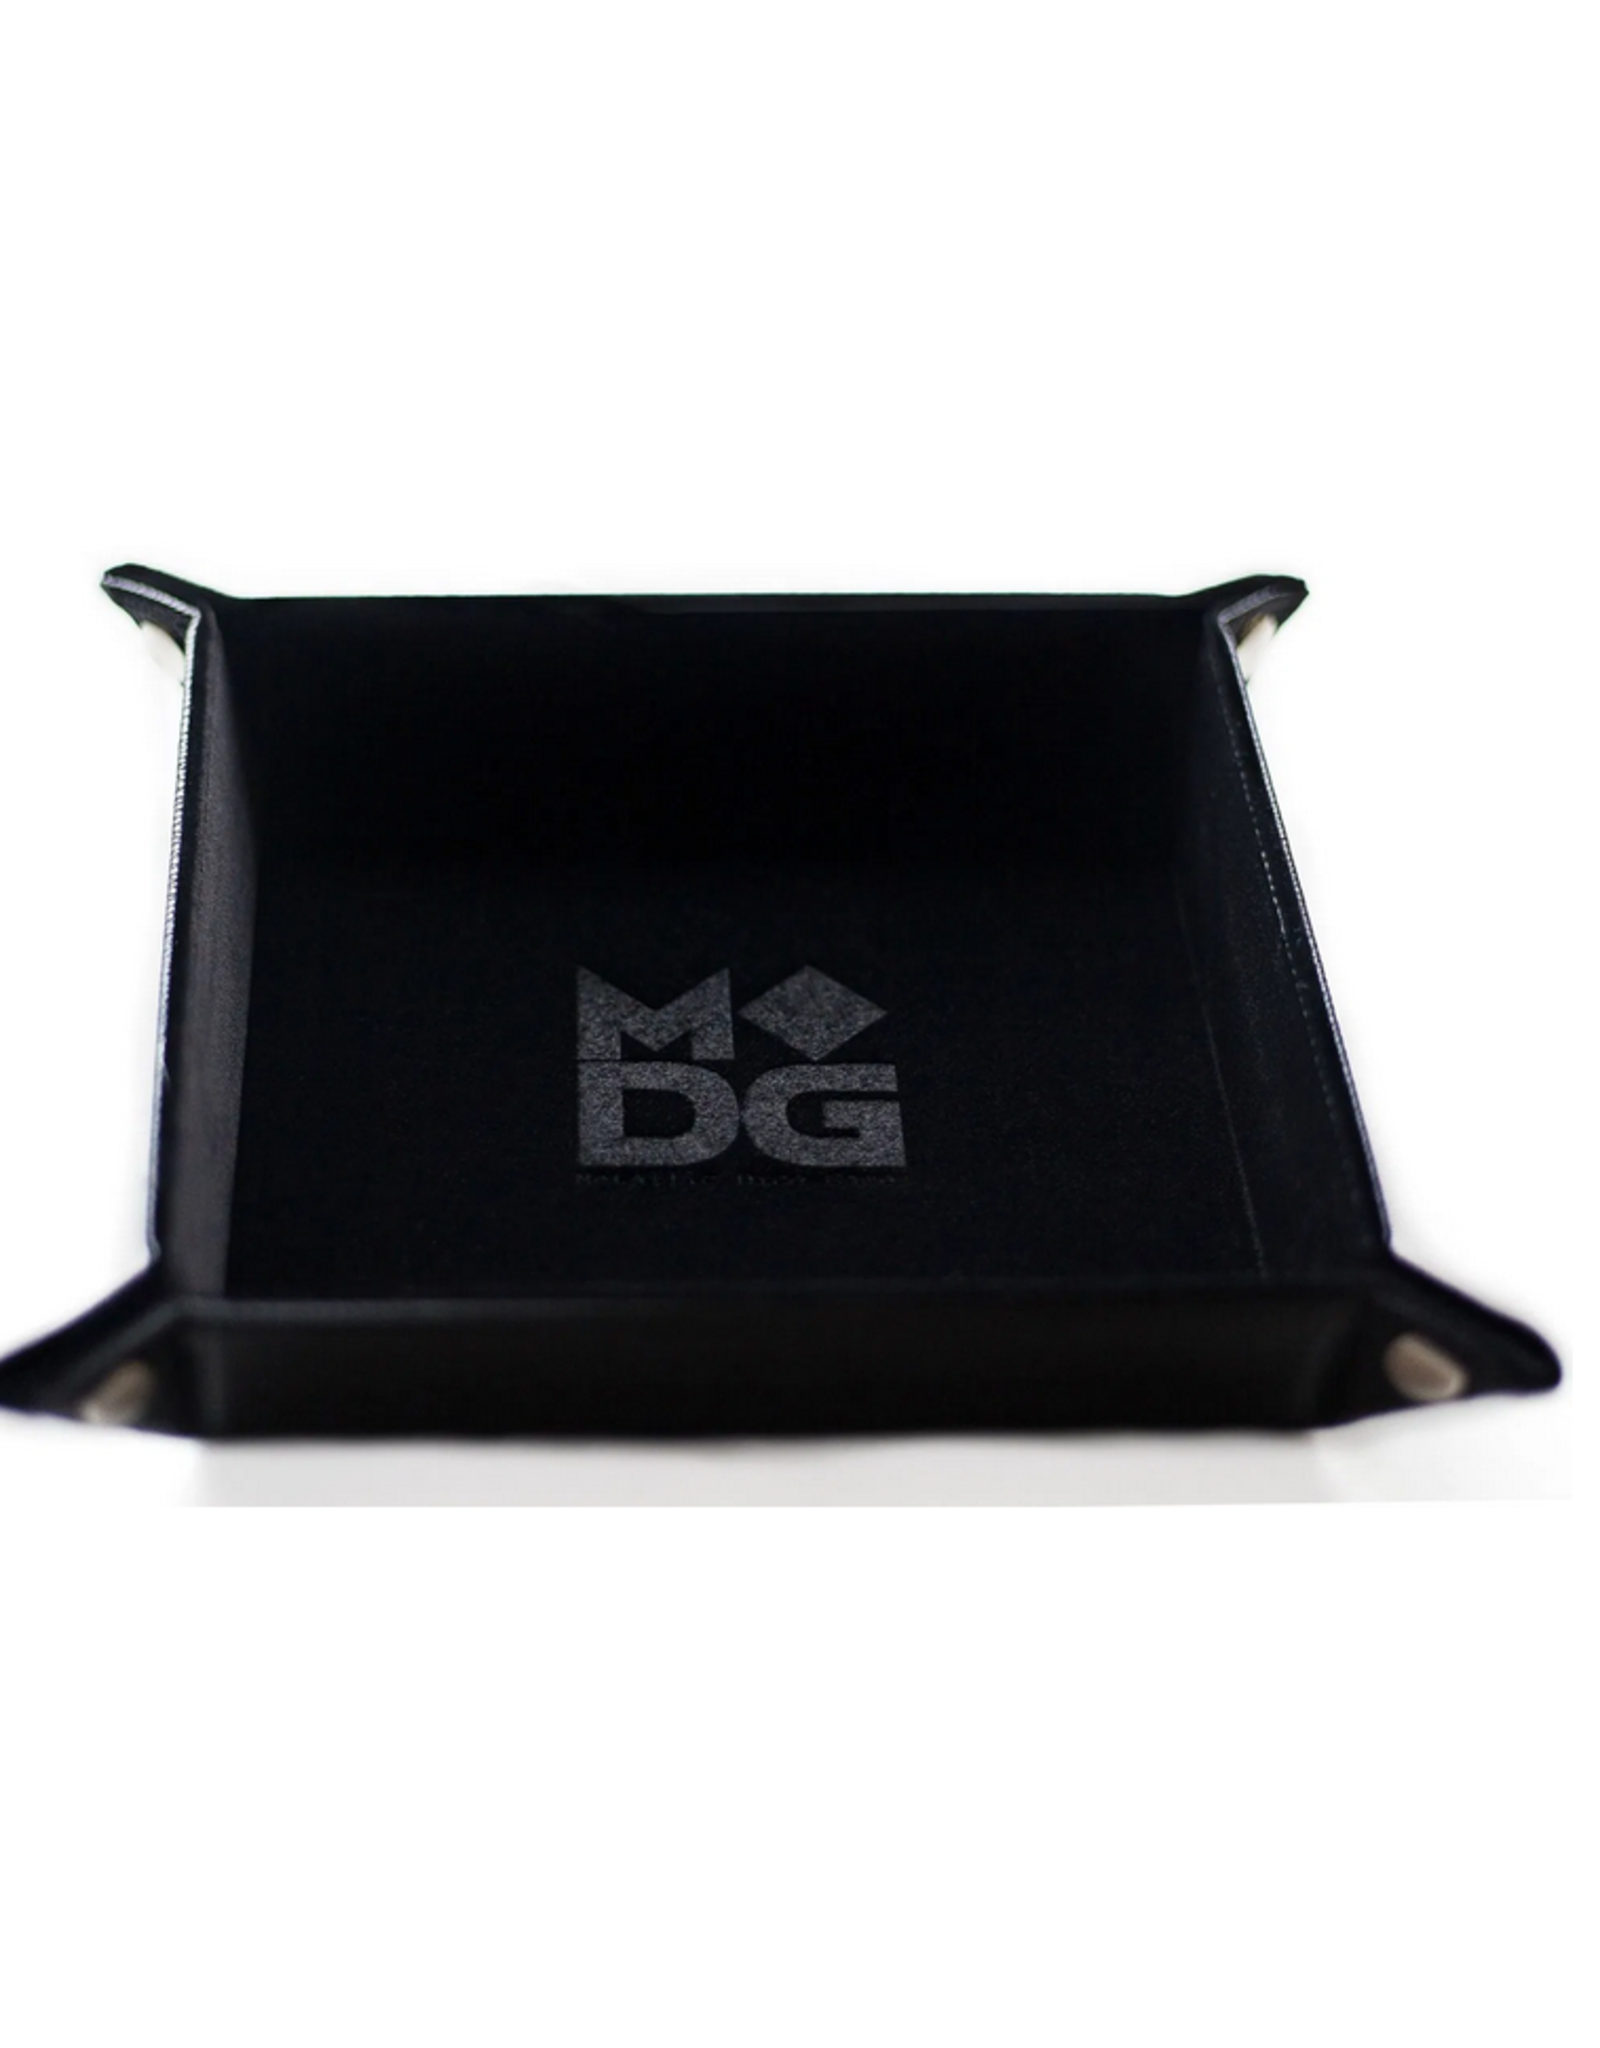 Dice Velvet Folding Dice Tray: 10x10 Black